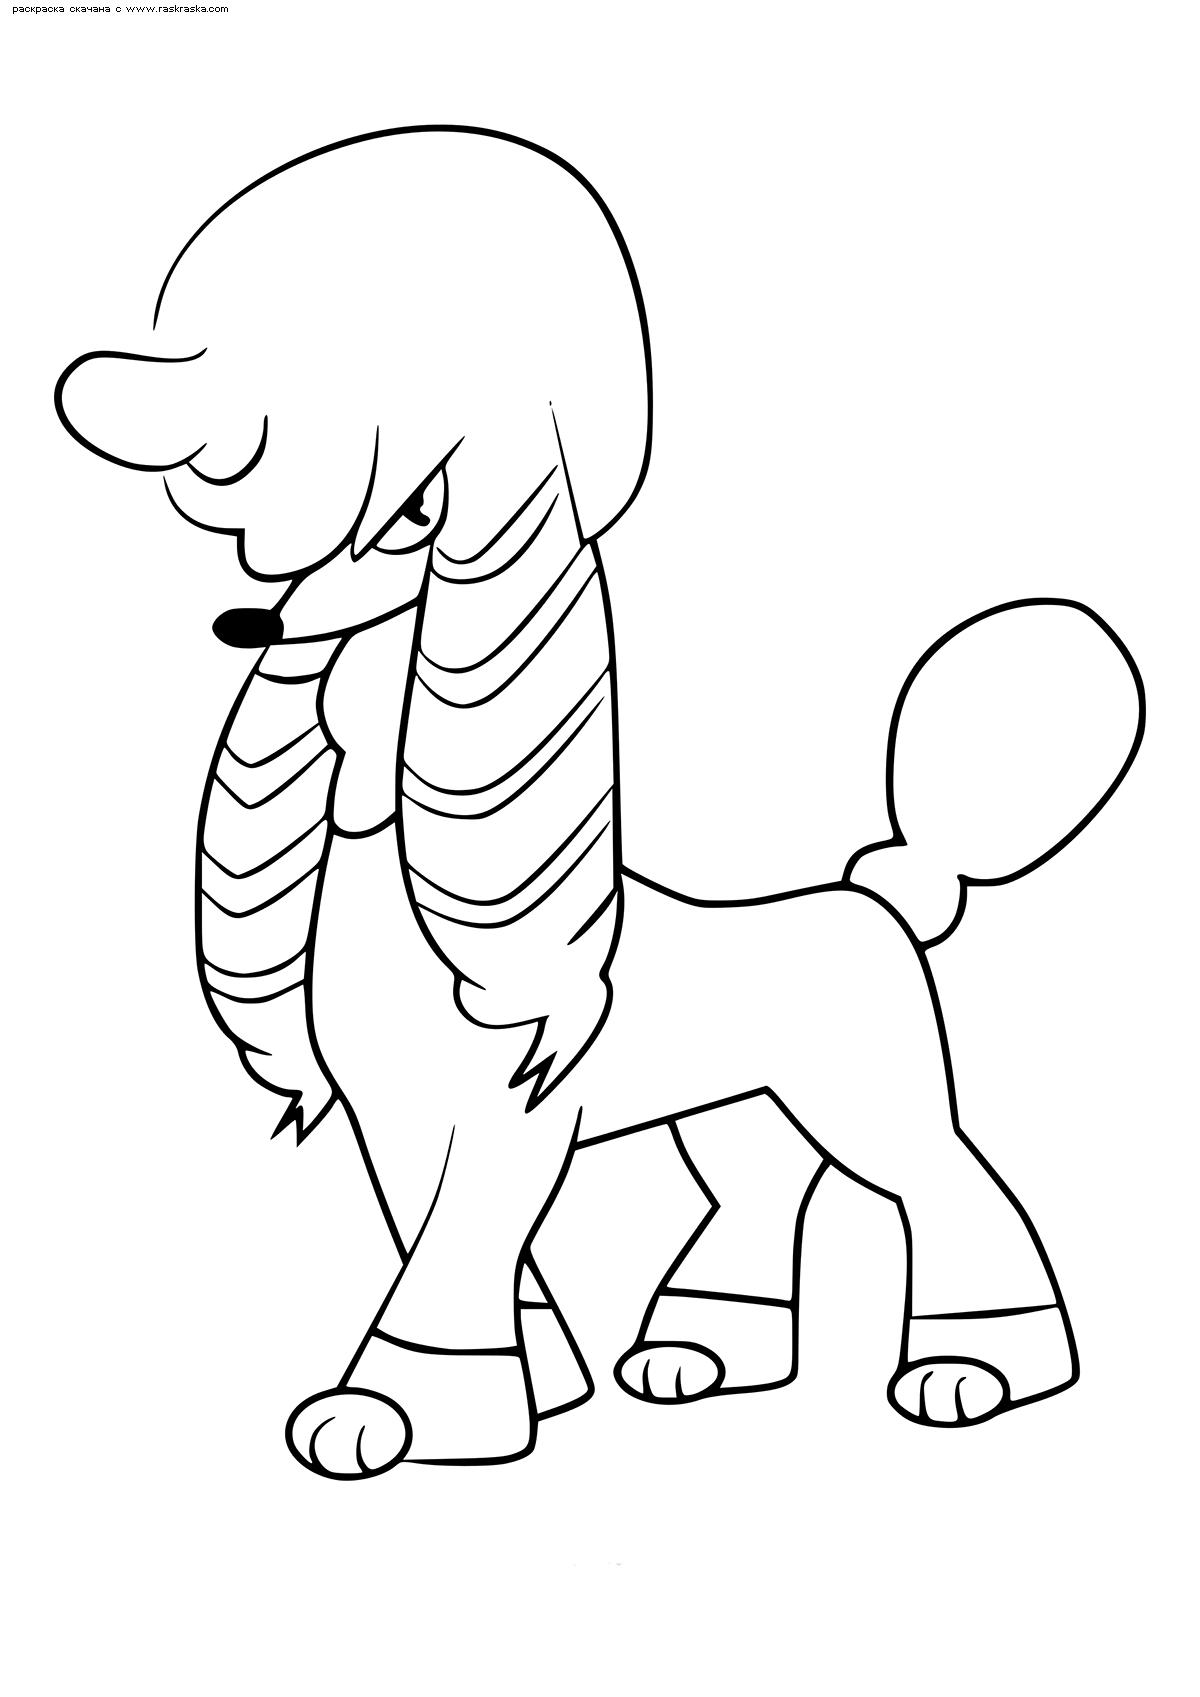 Раскраска Покемон Фурфу (Furfrou). Стиль королева. Раскраска Покемон